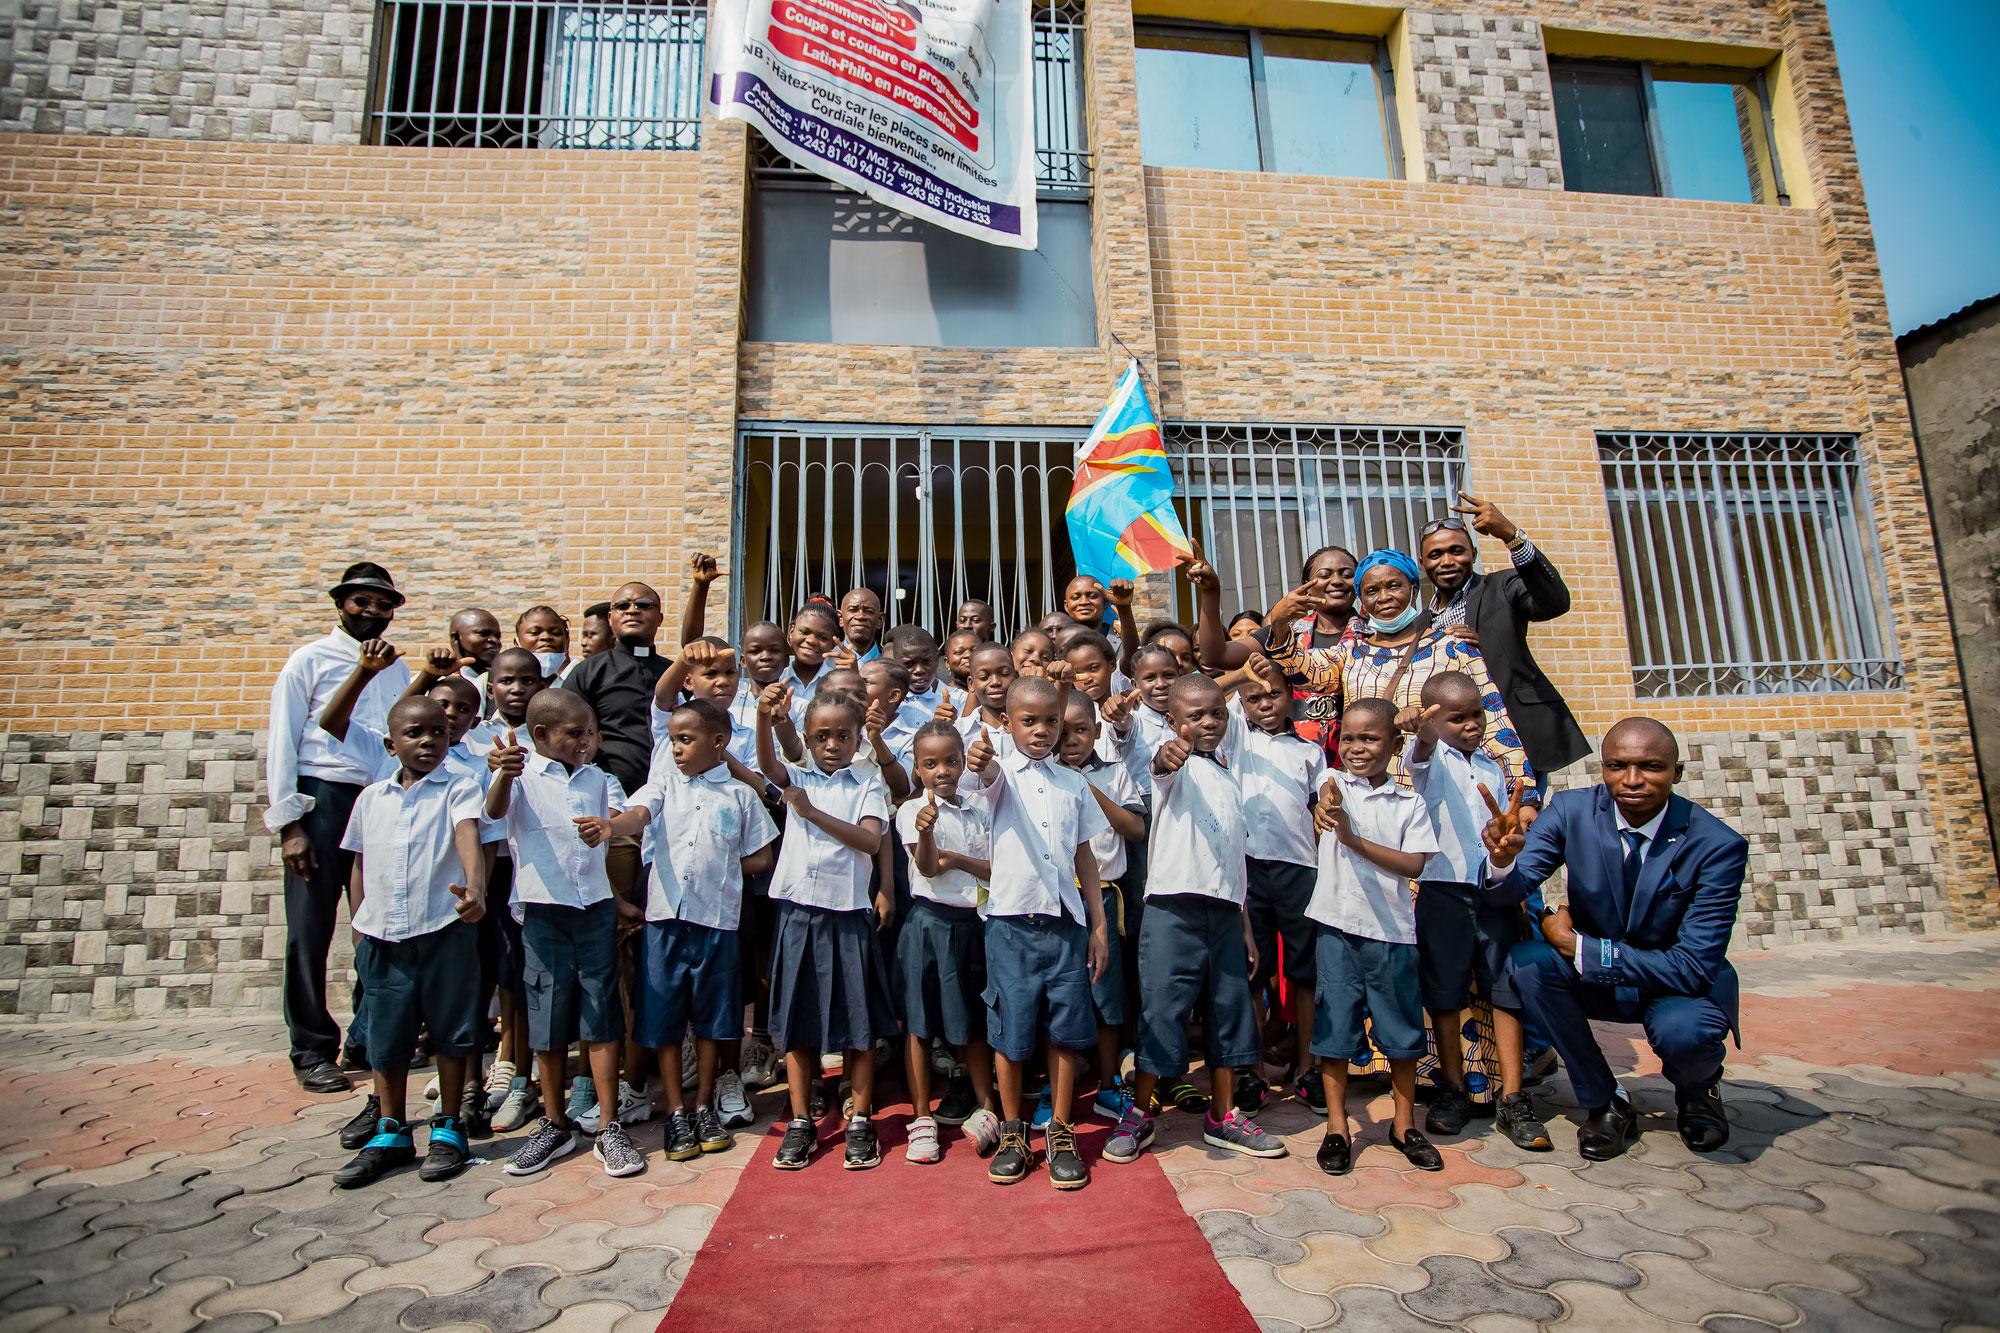 Renovierte St. Charles Grundschule wird offiziell eingeweiht